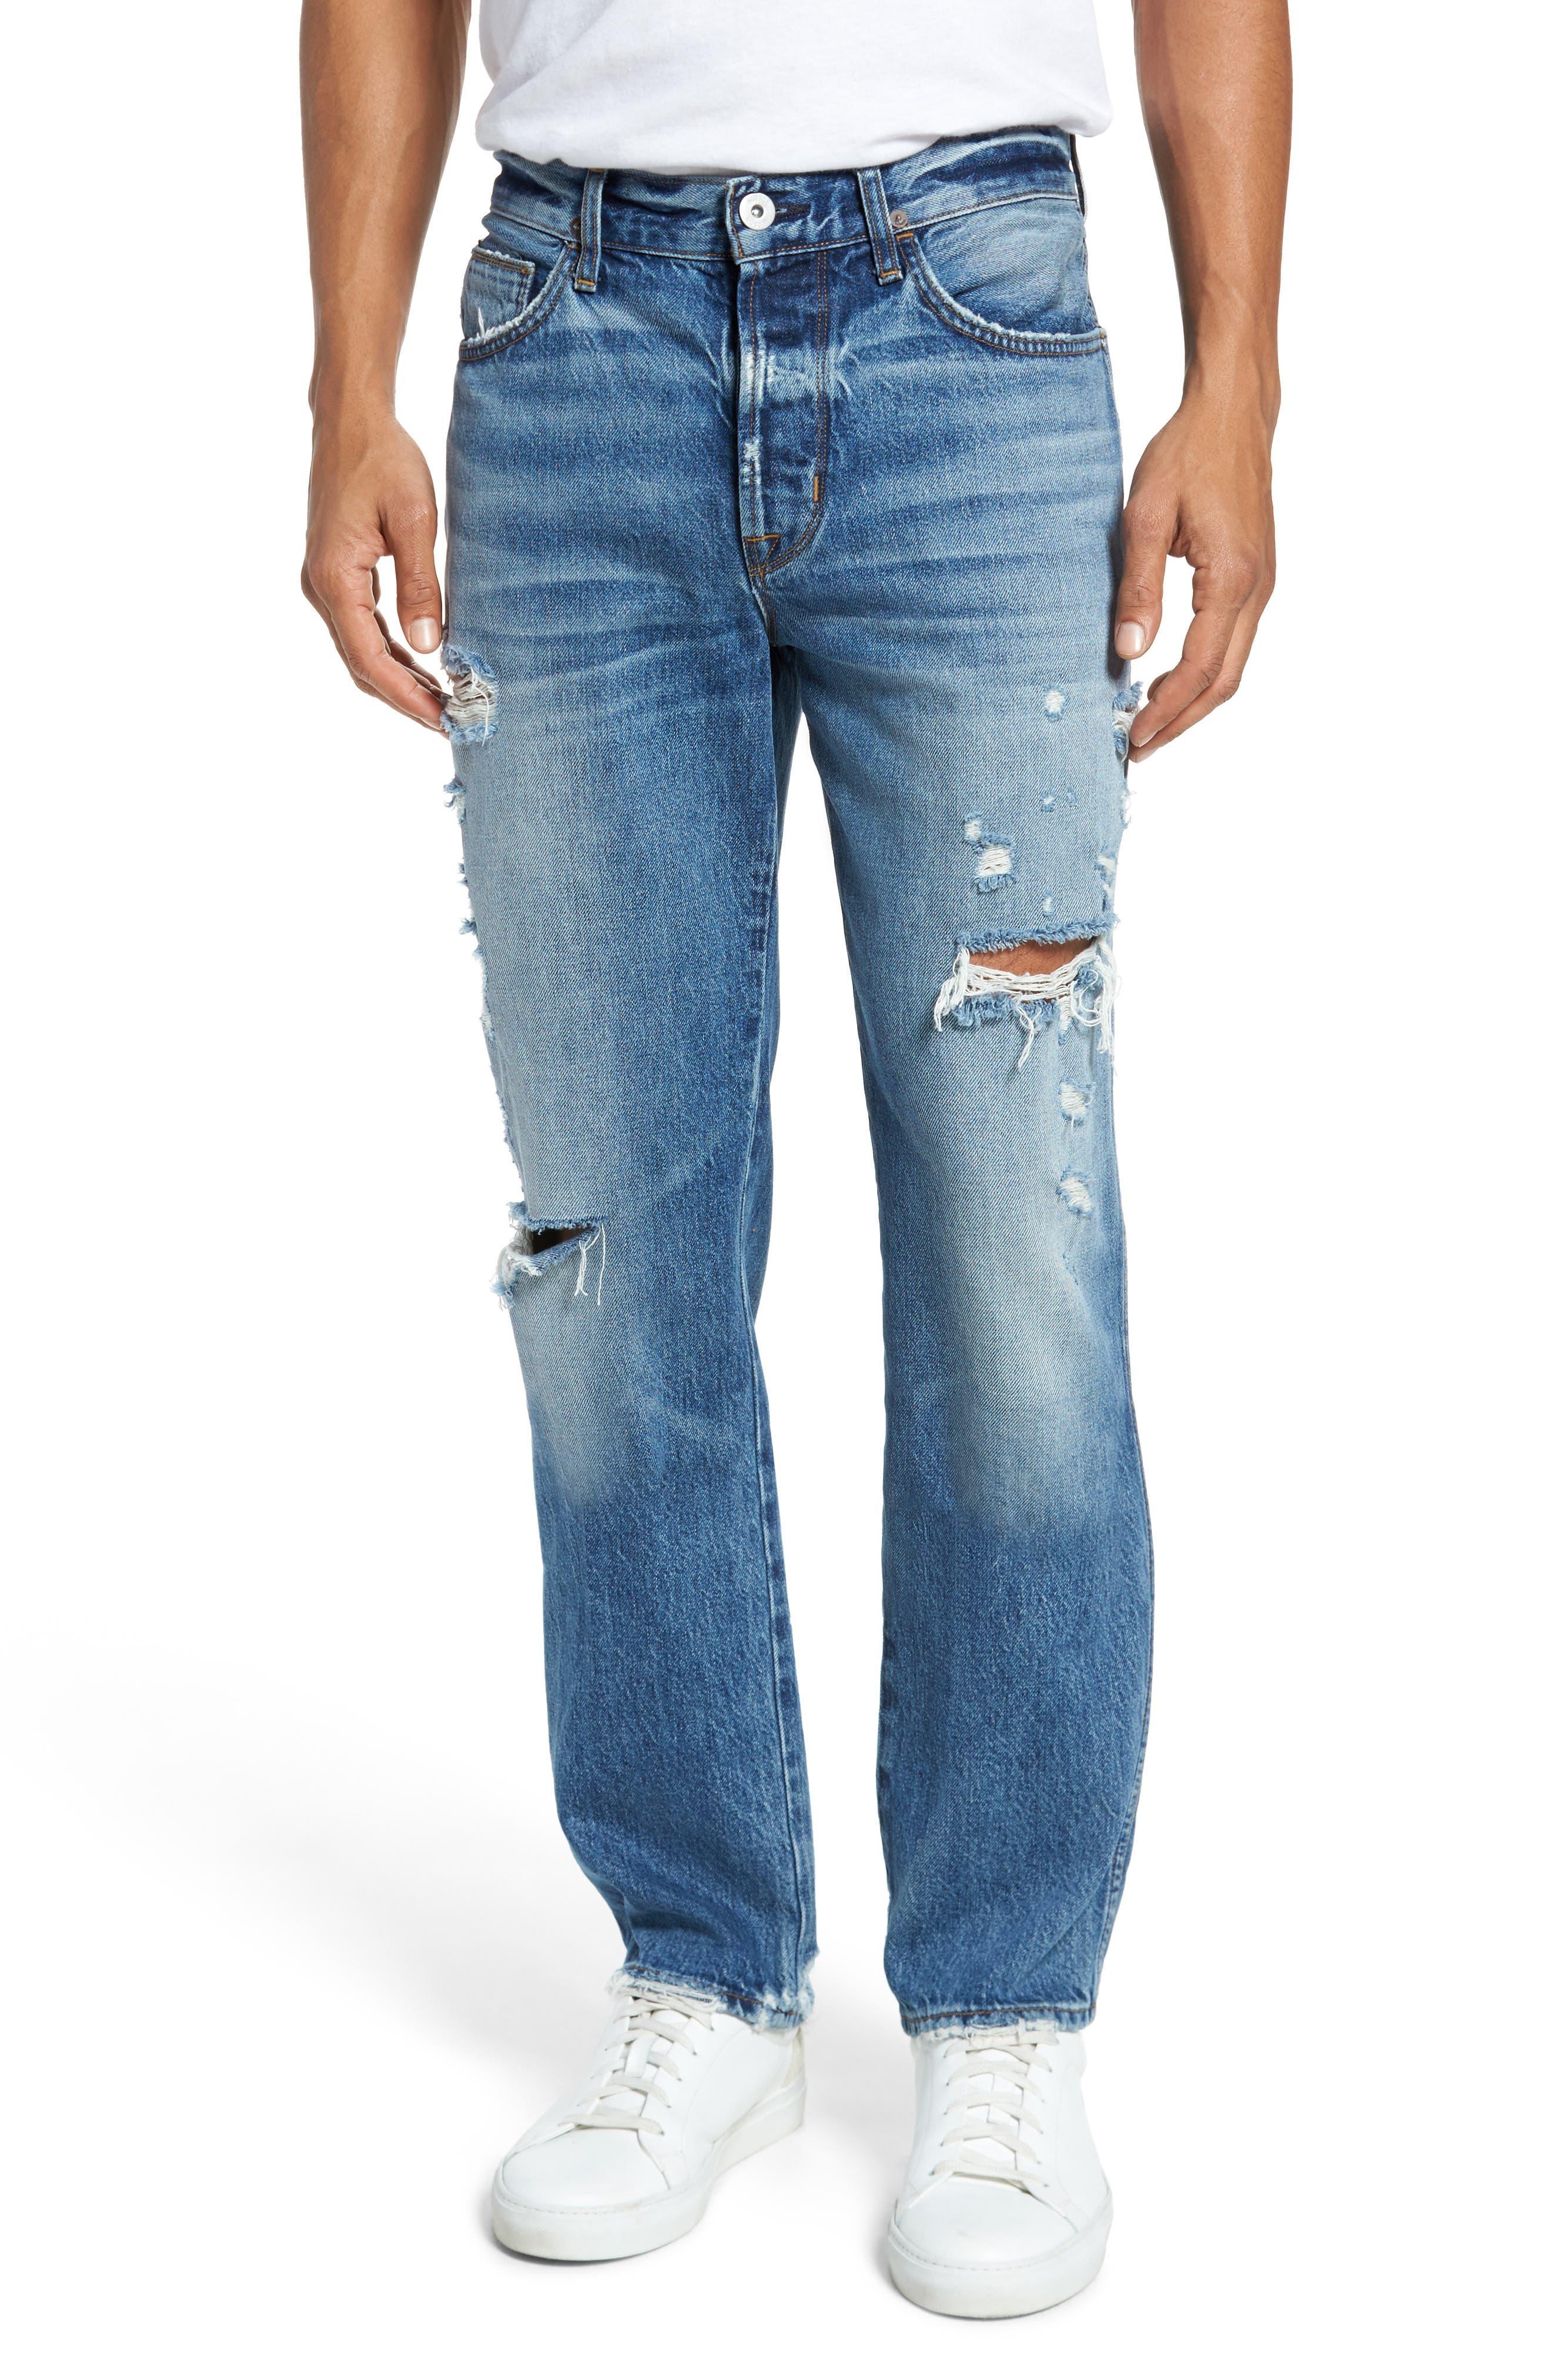 Dixon Straight Fit Jeans,                             Main thumbnail 1, color,                             450